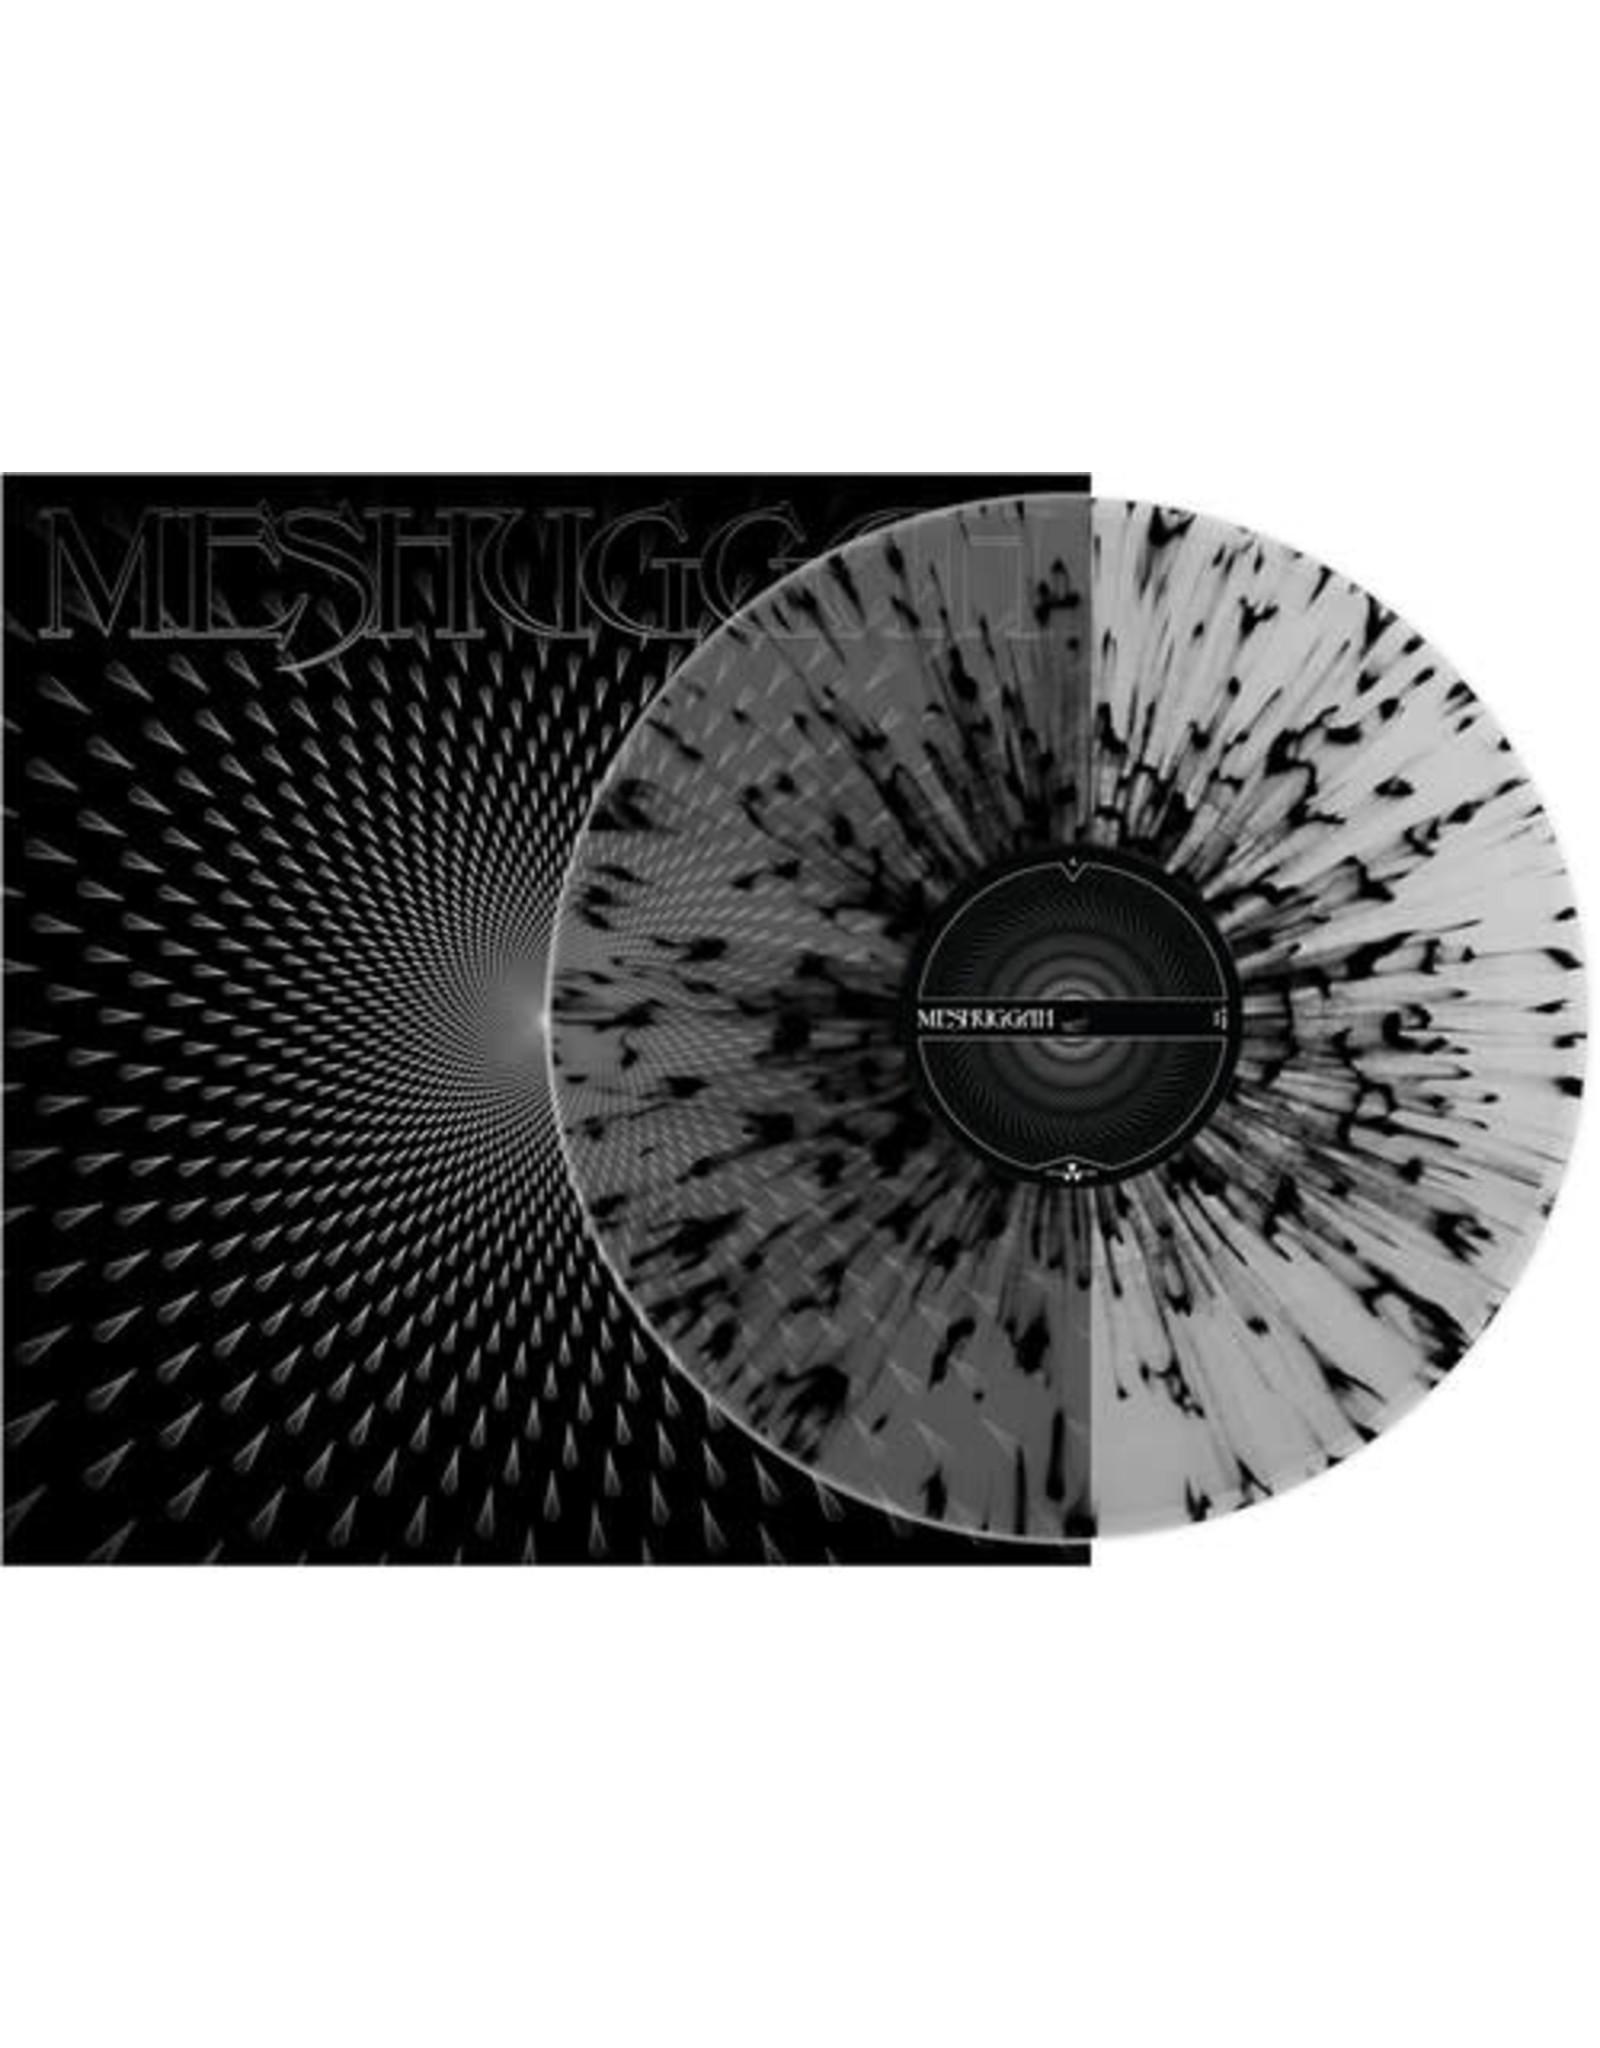 New Vinyl Meshuggah - S/T (Splatter) LP